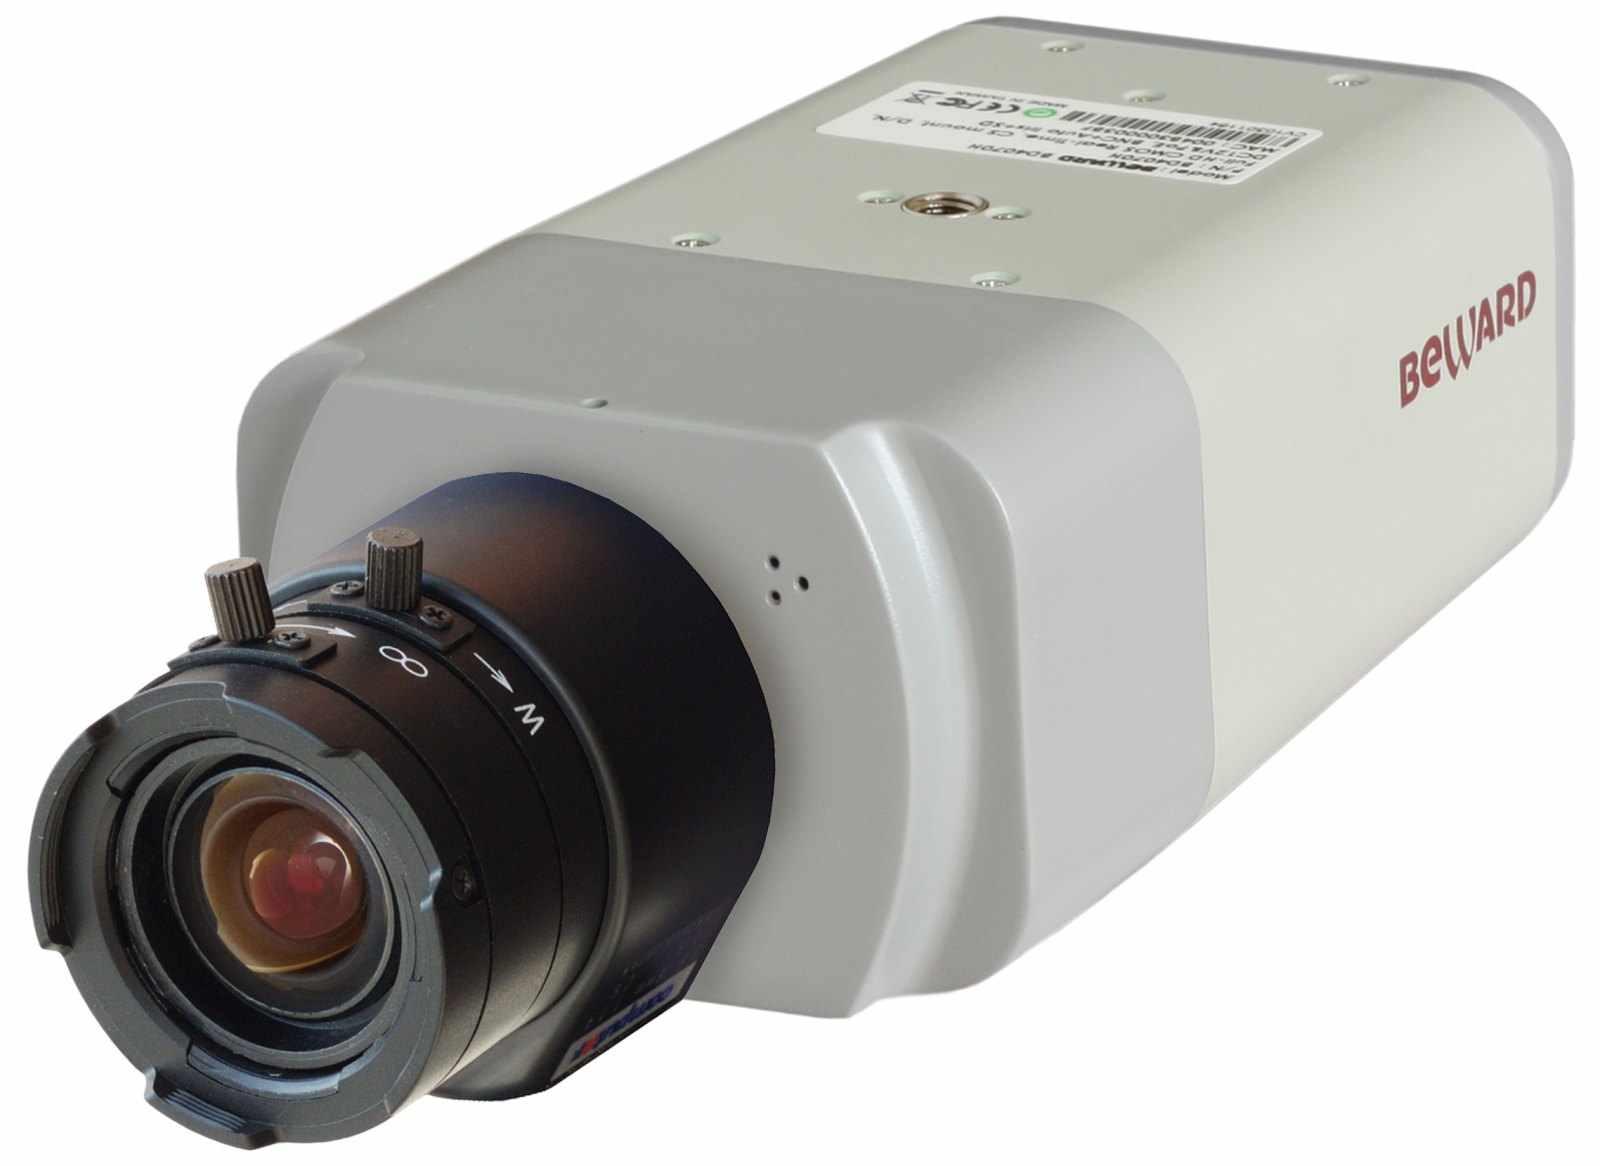 BD4070, BD4070H инструкция - камера видеонаблюдения